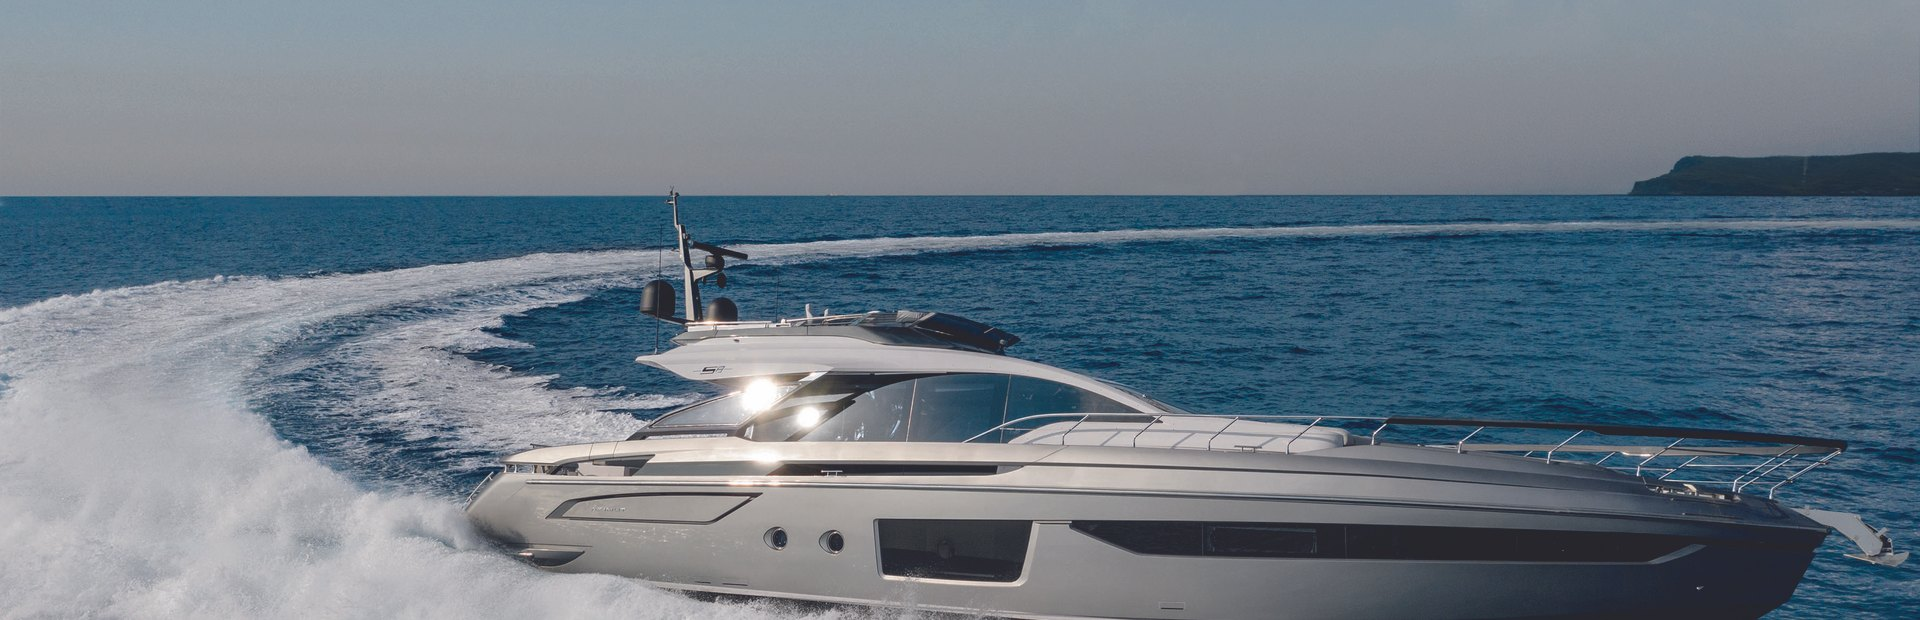 Azimut S8 Yacht Charter